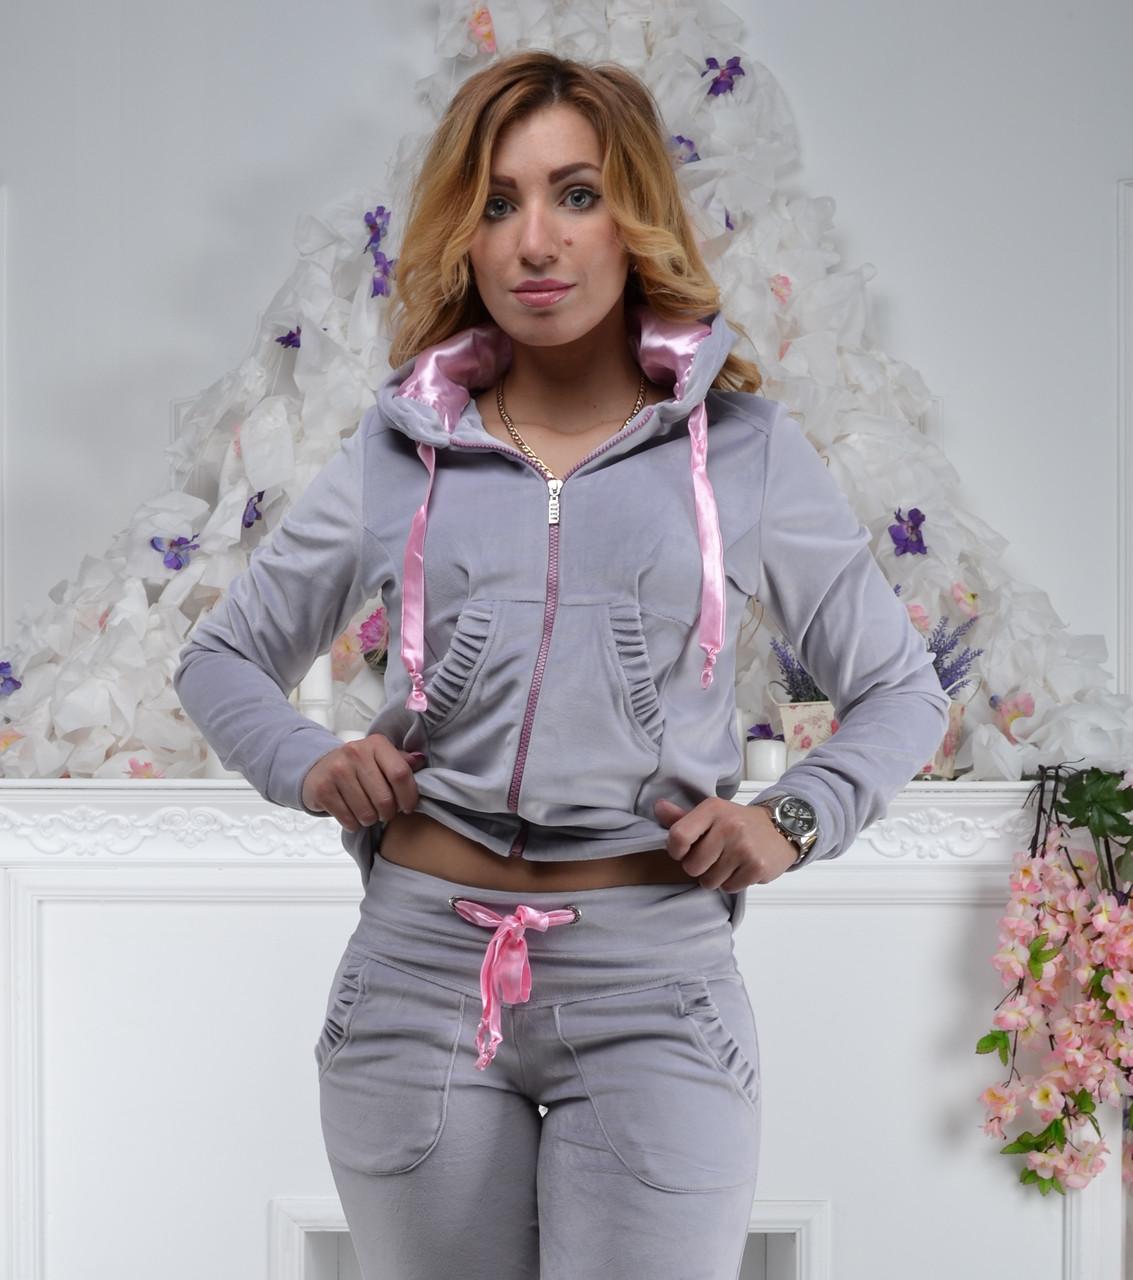 Женский спортивный костюм из плюша, разм 42,44,46,48, 2 цвета